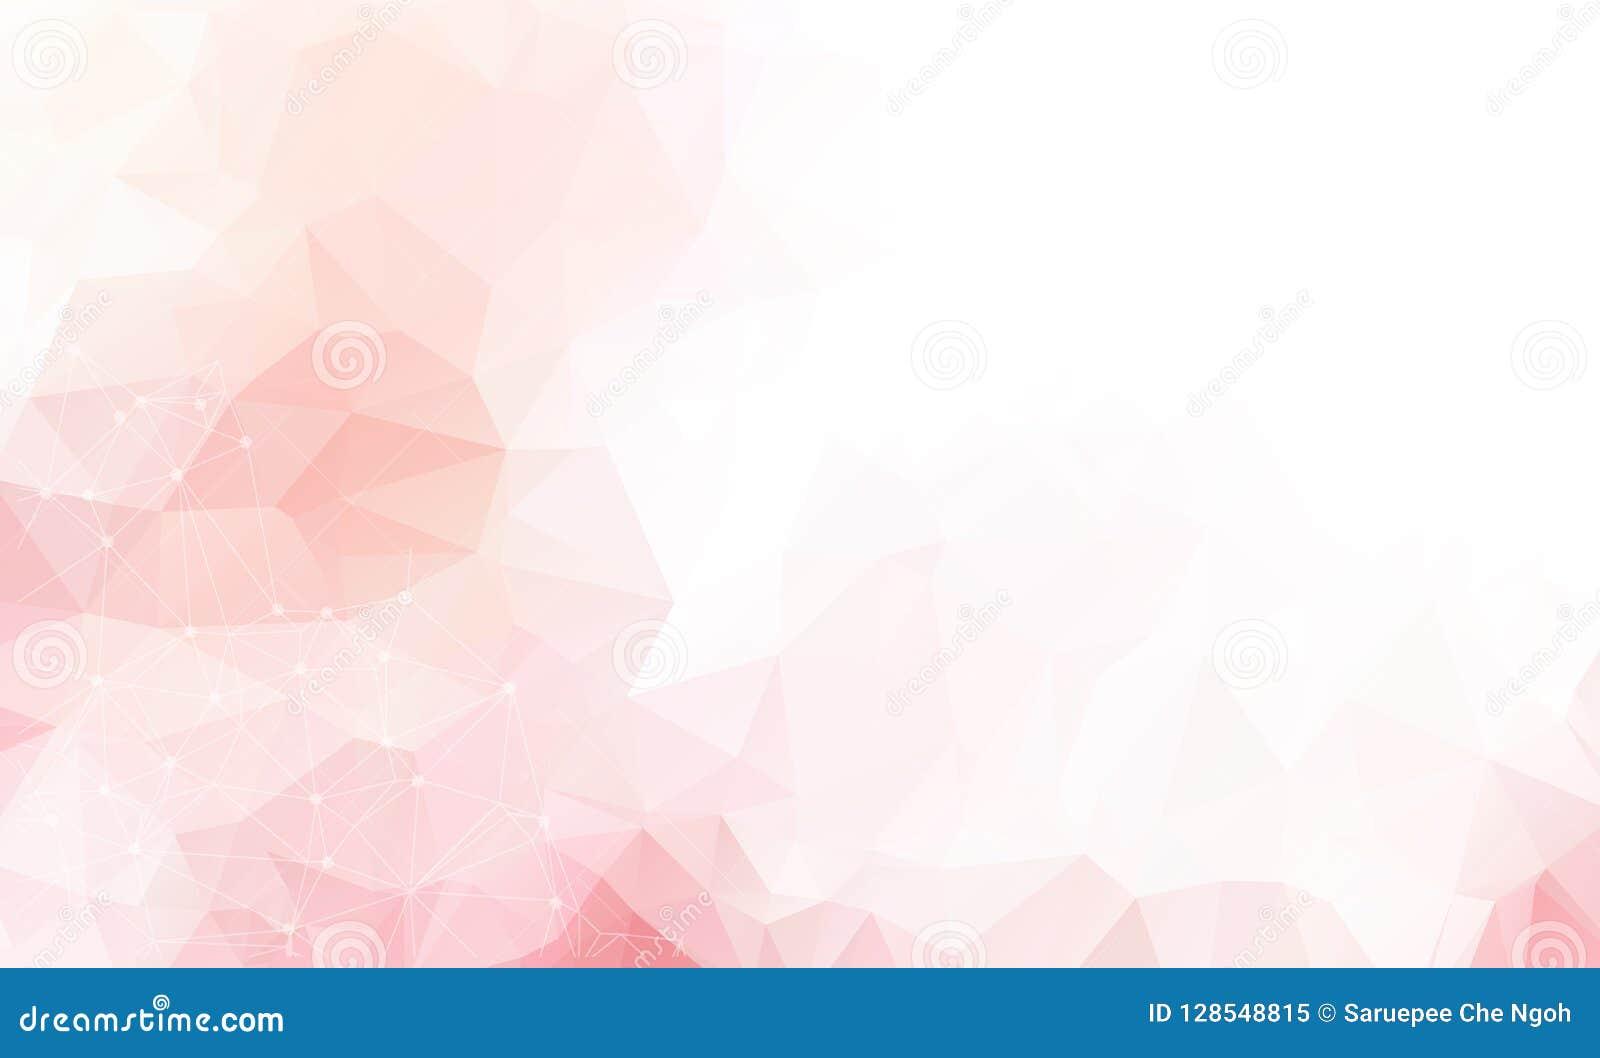 Ανοικτό ροζ διανυσματικό υπόβαθρο με τα σημεία και τις γραμμές Αφηρημένη απεικόνιση με τους ζωηρόχρωμους δίσκους και τα τρίγωνα Ό